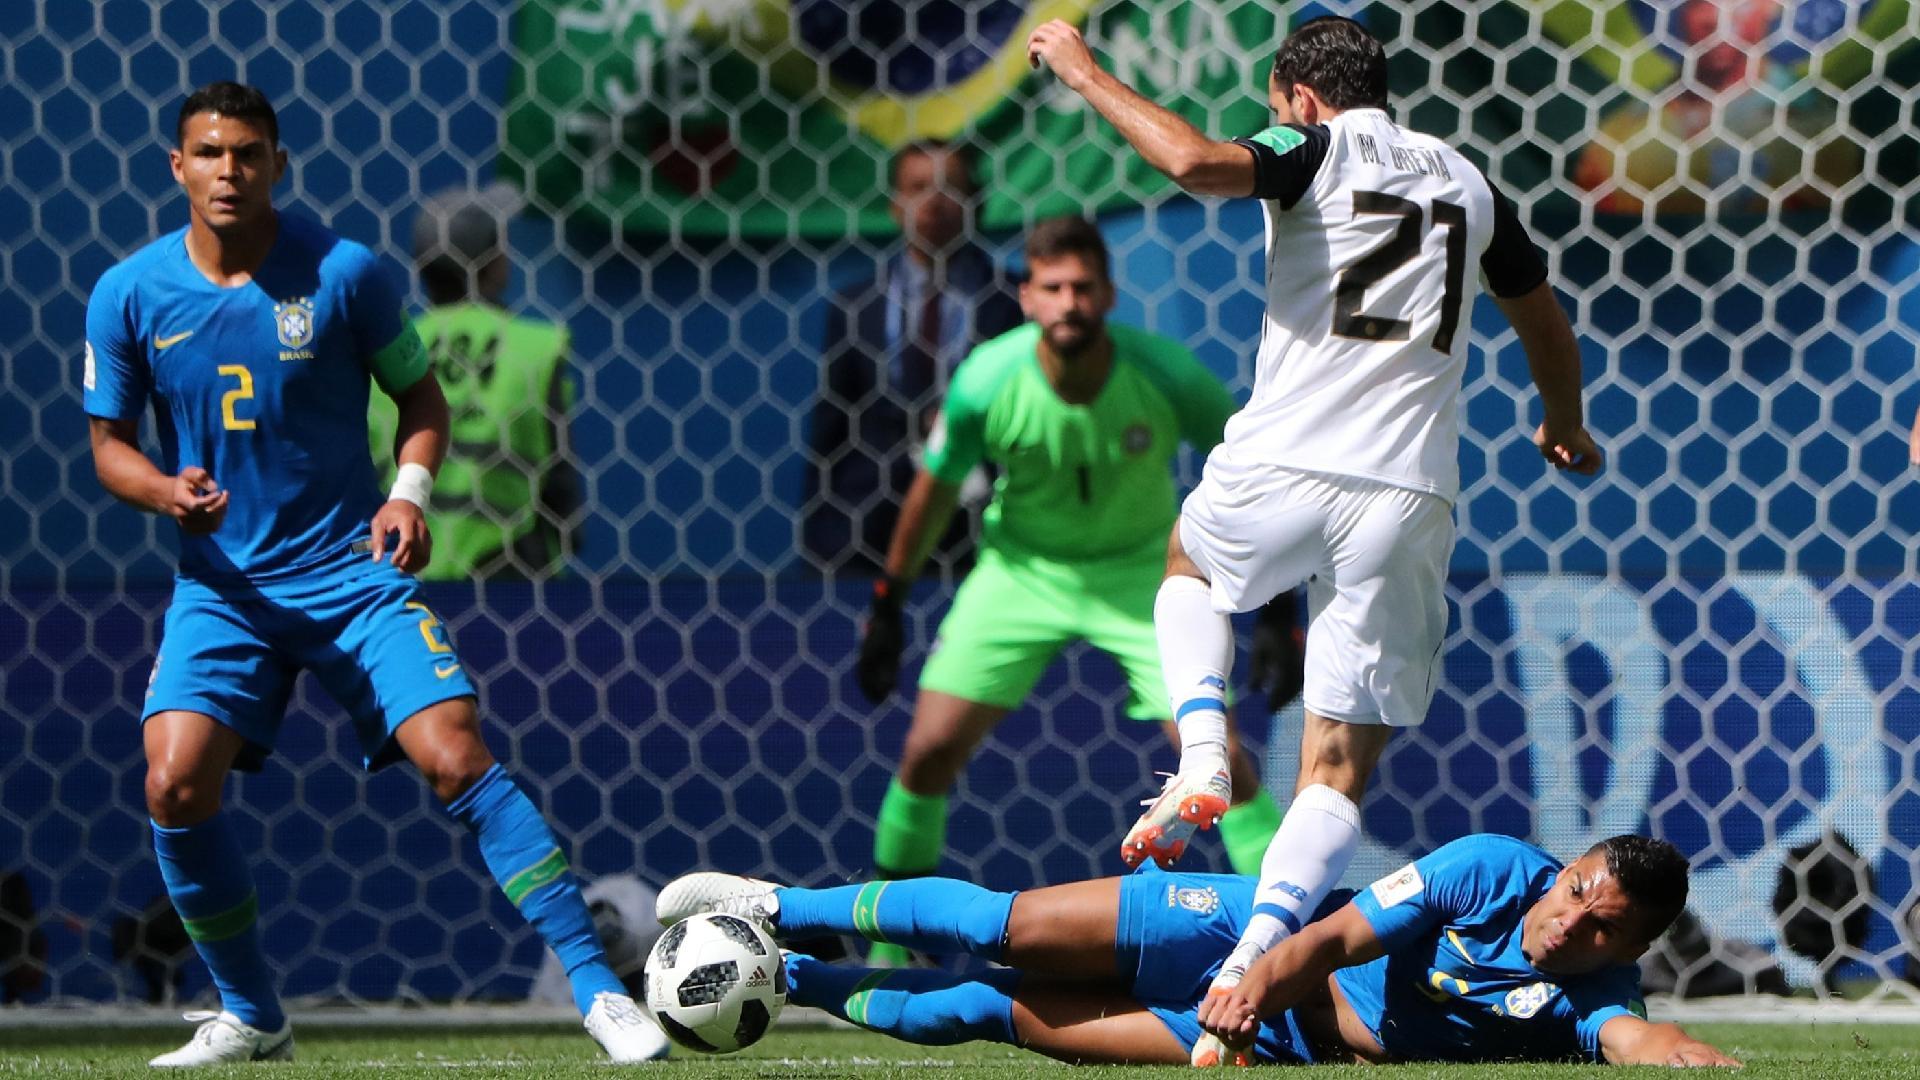 Chute de Marco Ureña é travado durante a partida entre Brasil e Costa Rica